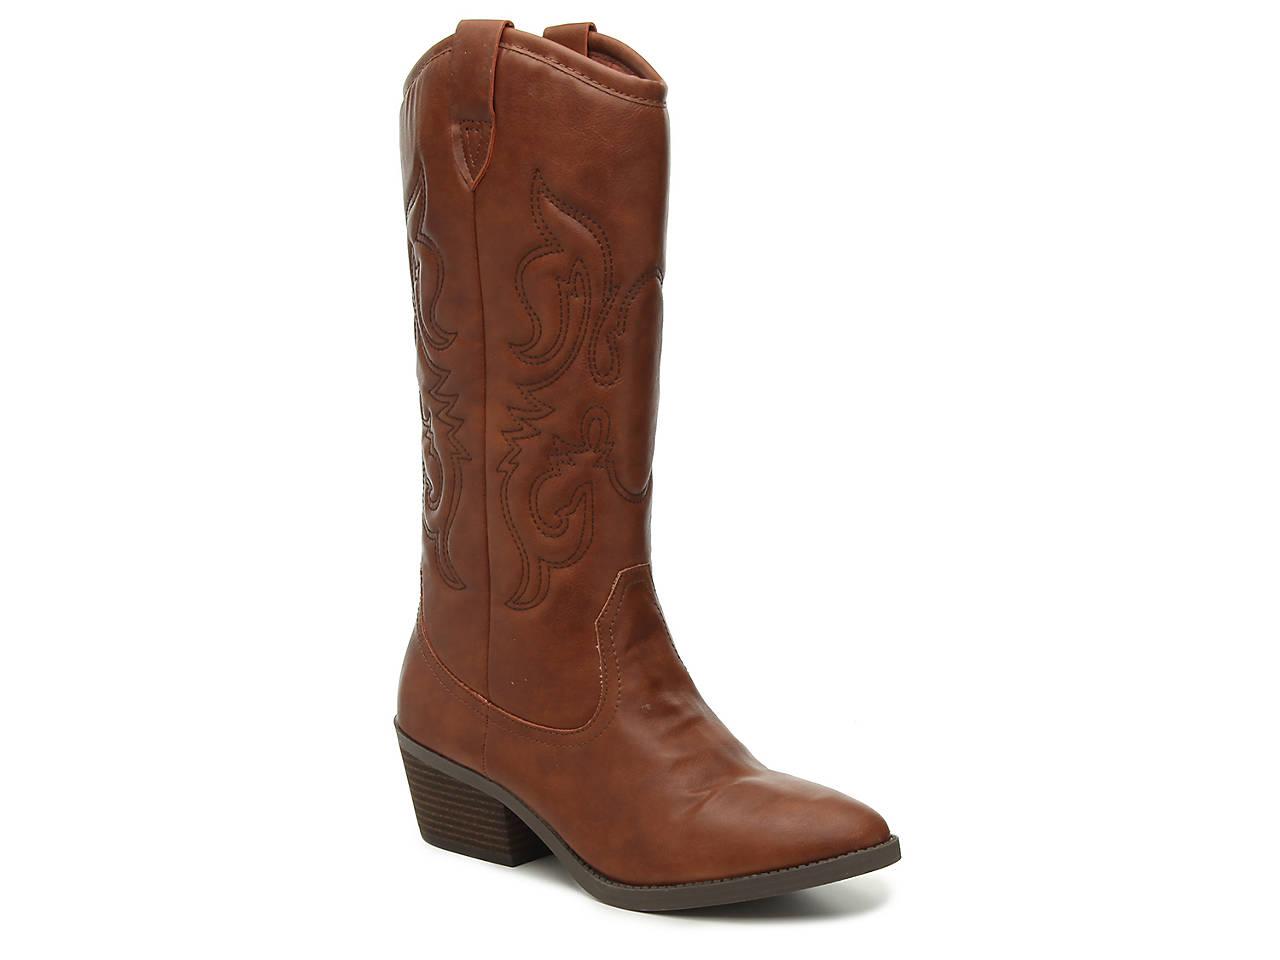 a5128d6ed62 Banjo Cowboy Boot